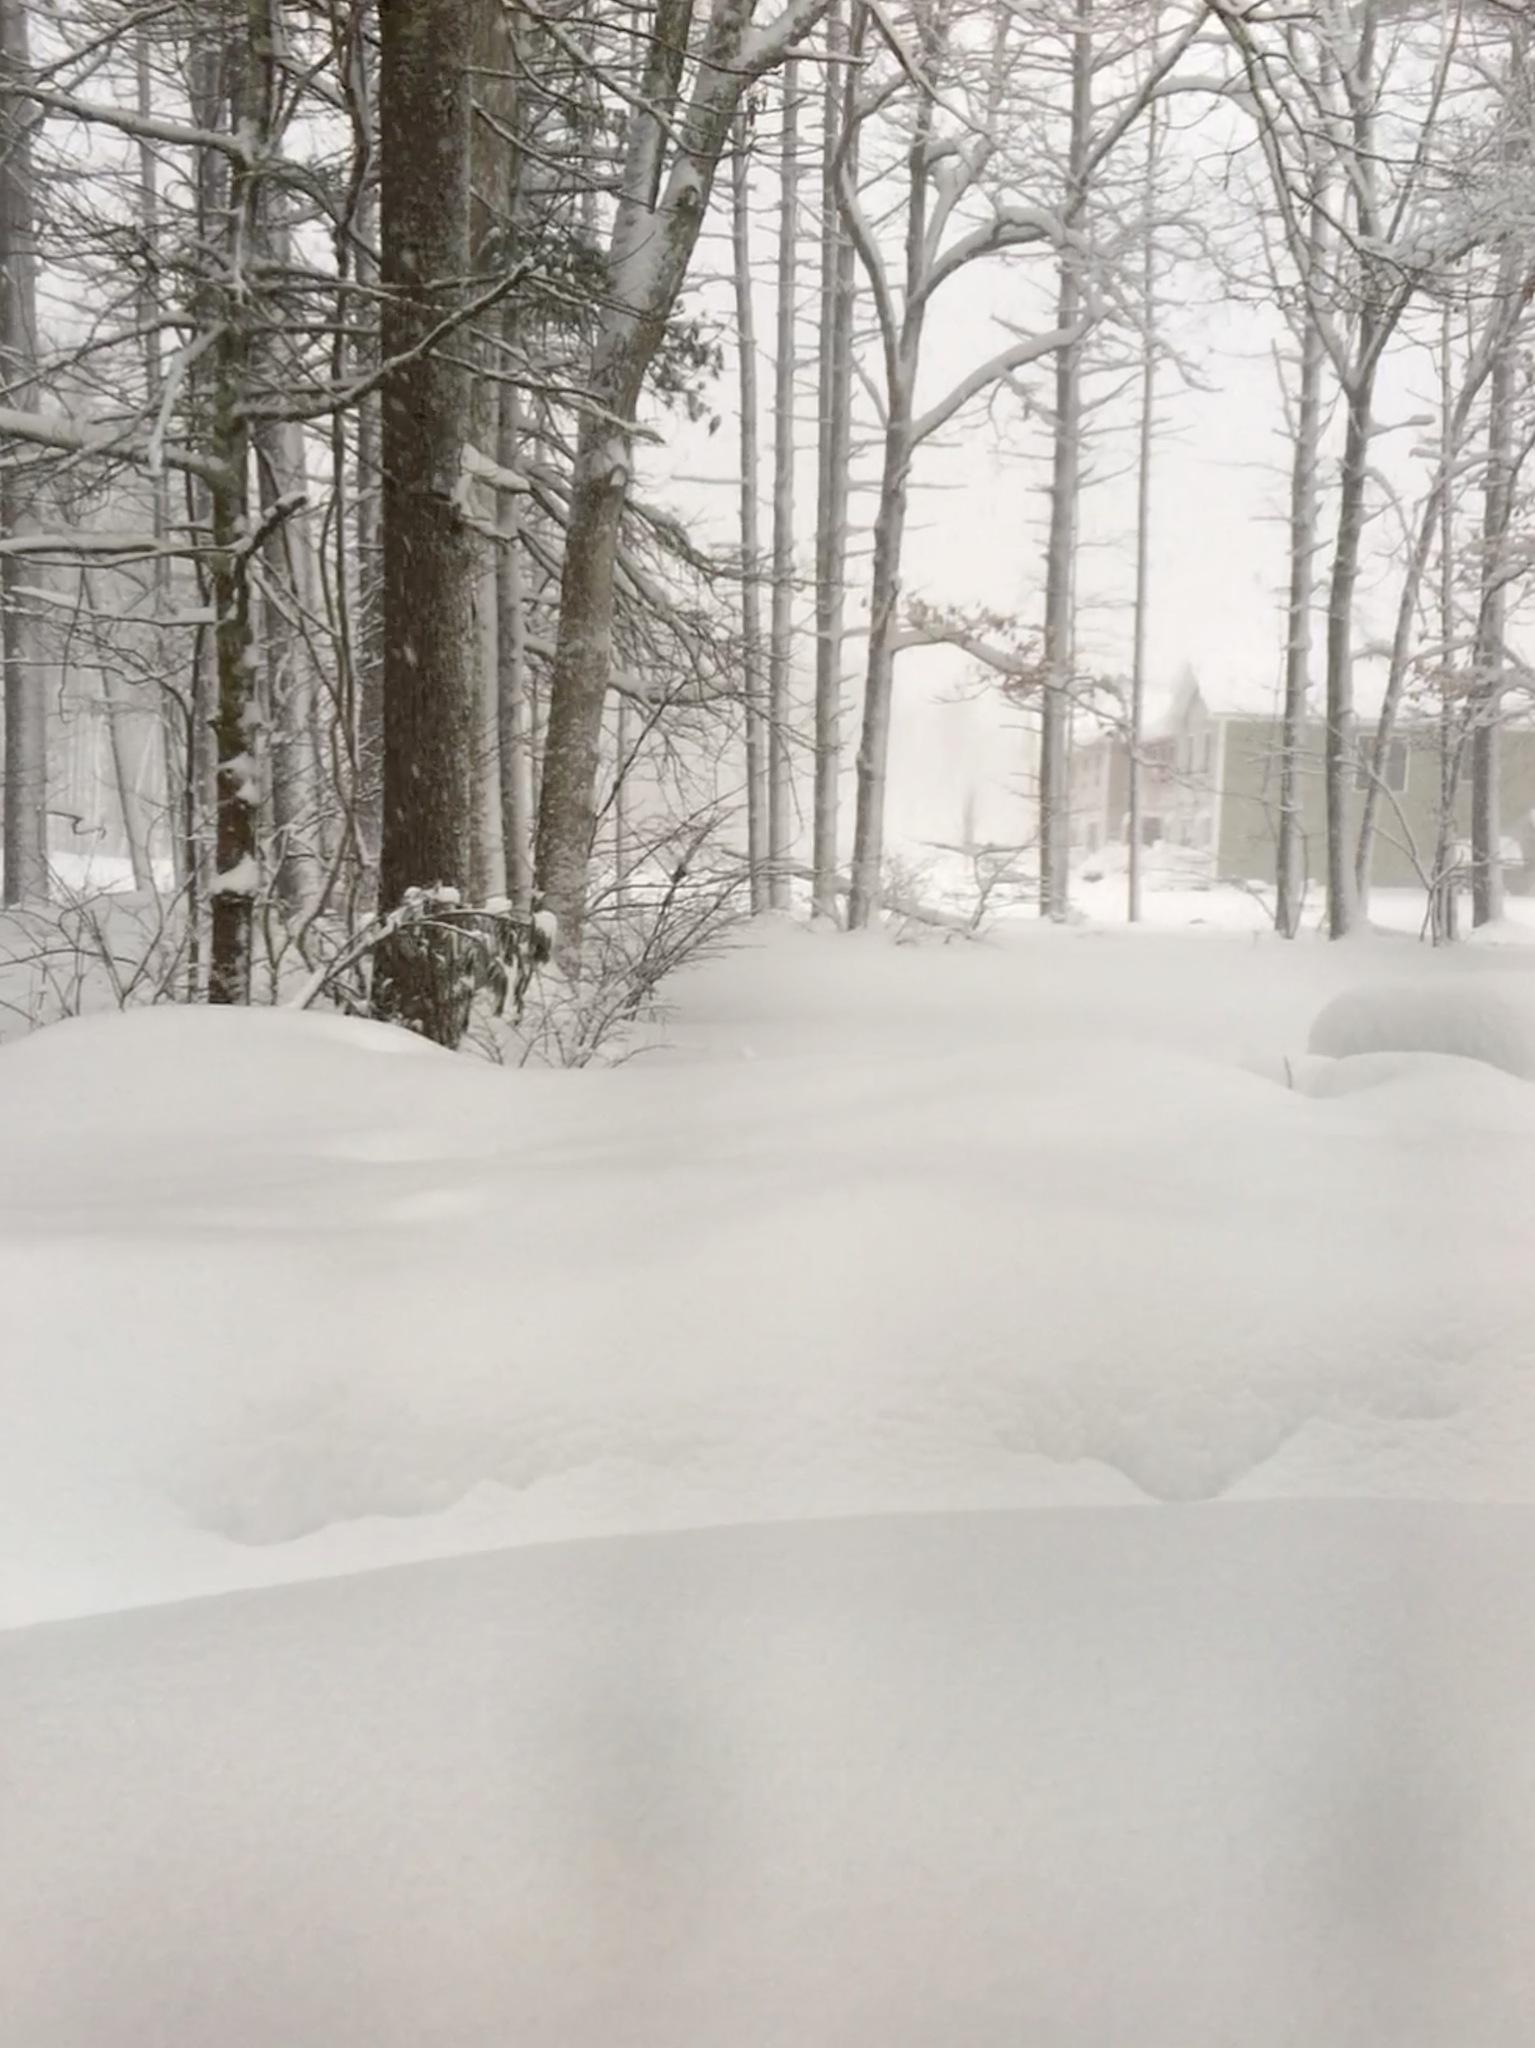 March snow by linda.hamilton.908347